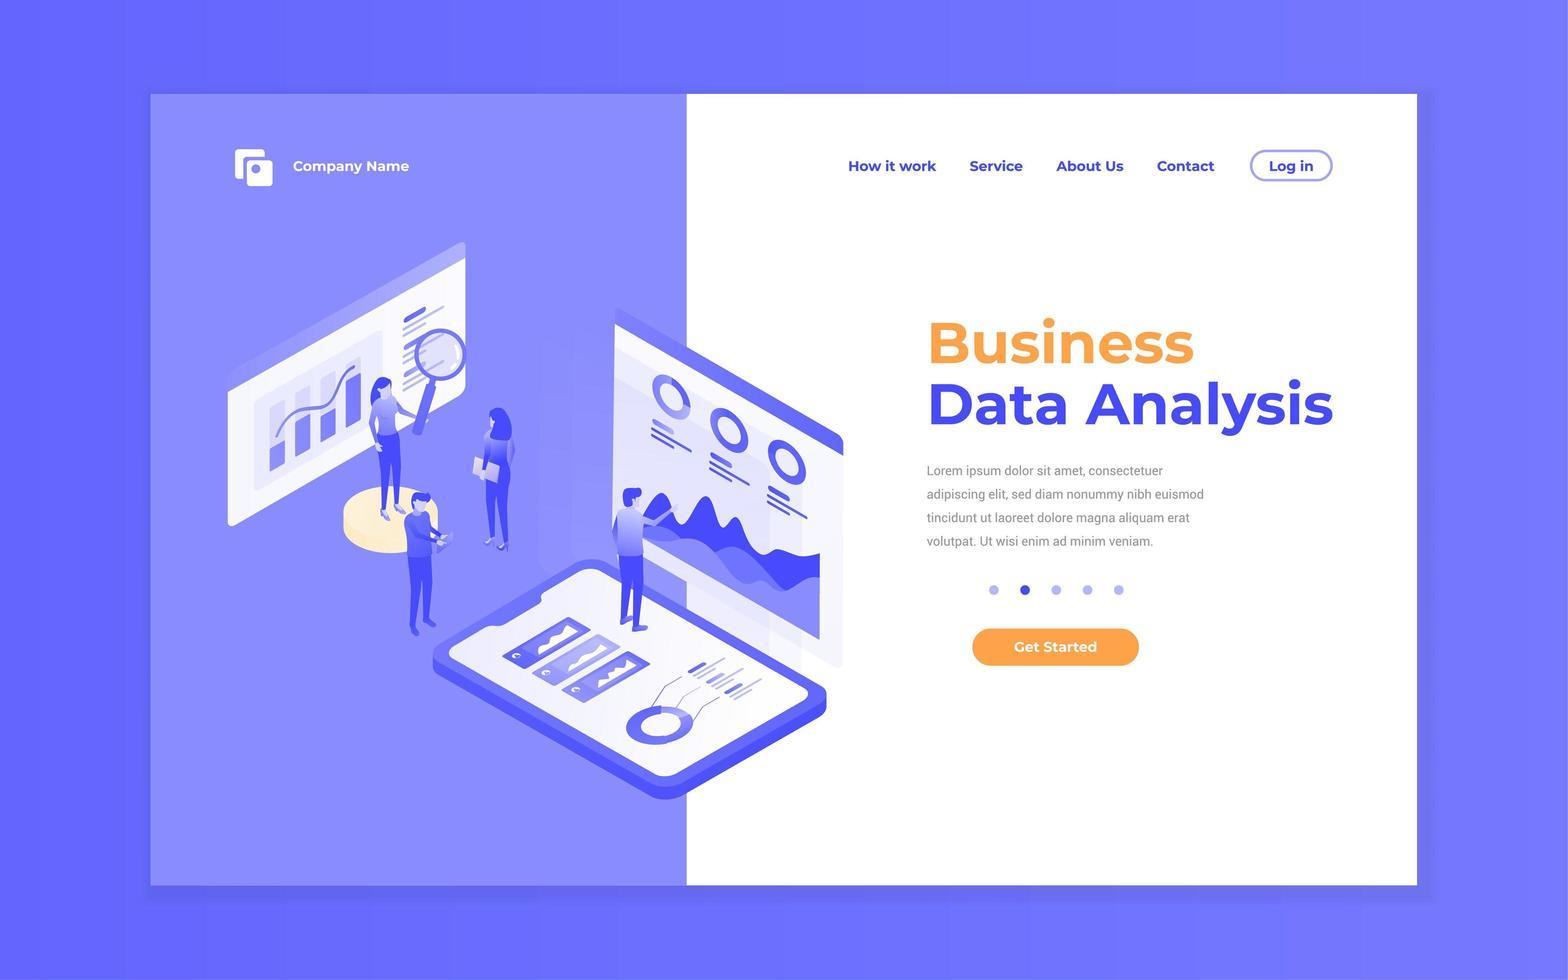 sitio web de análisis de datos púrpura y concepto de sitio web móvil vector